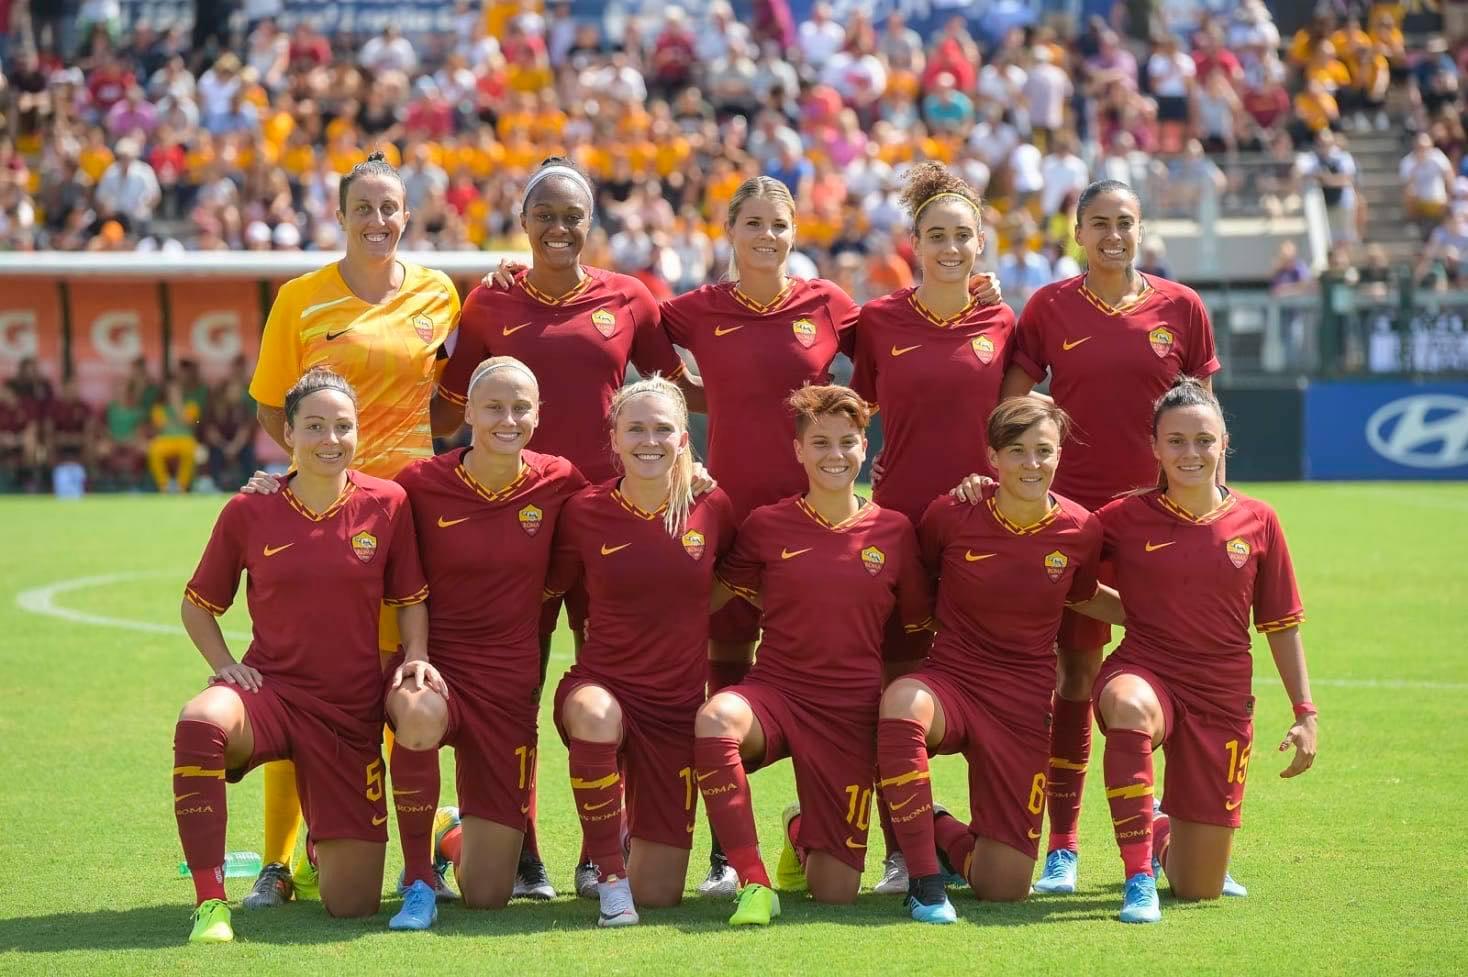 Calcio Femminile: nel week end riparte il campionato di Serie A